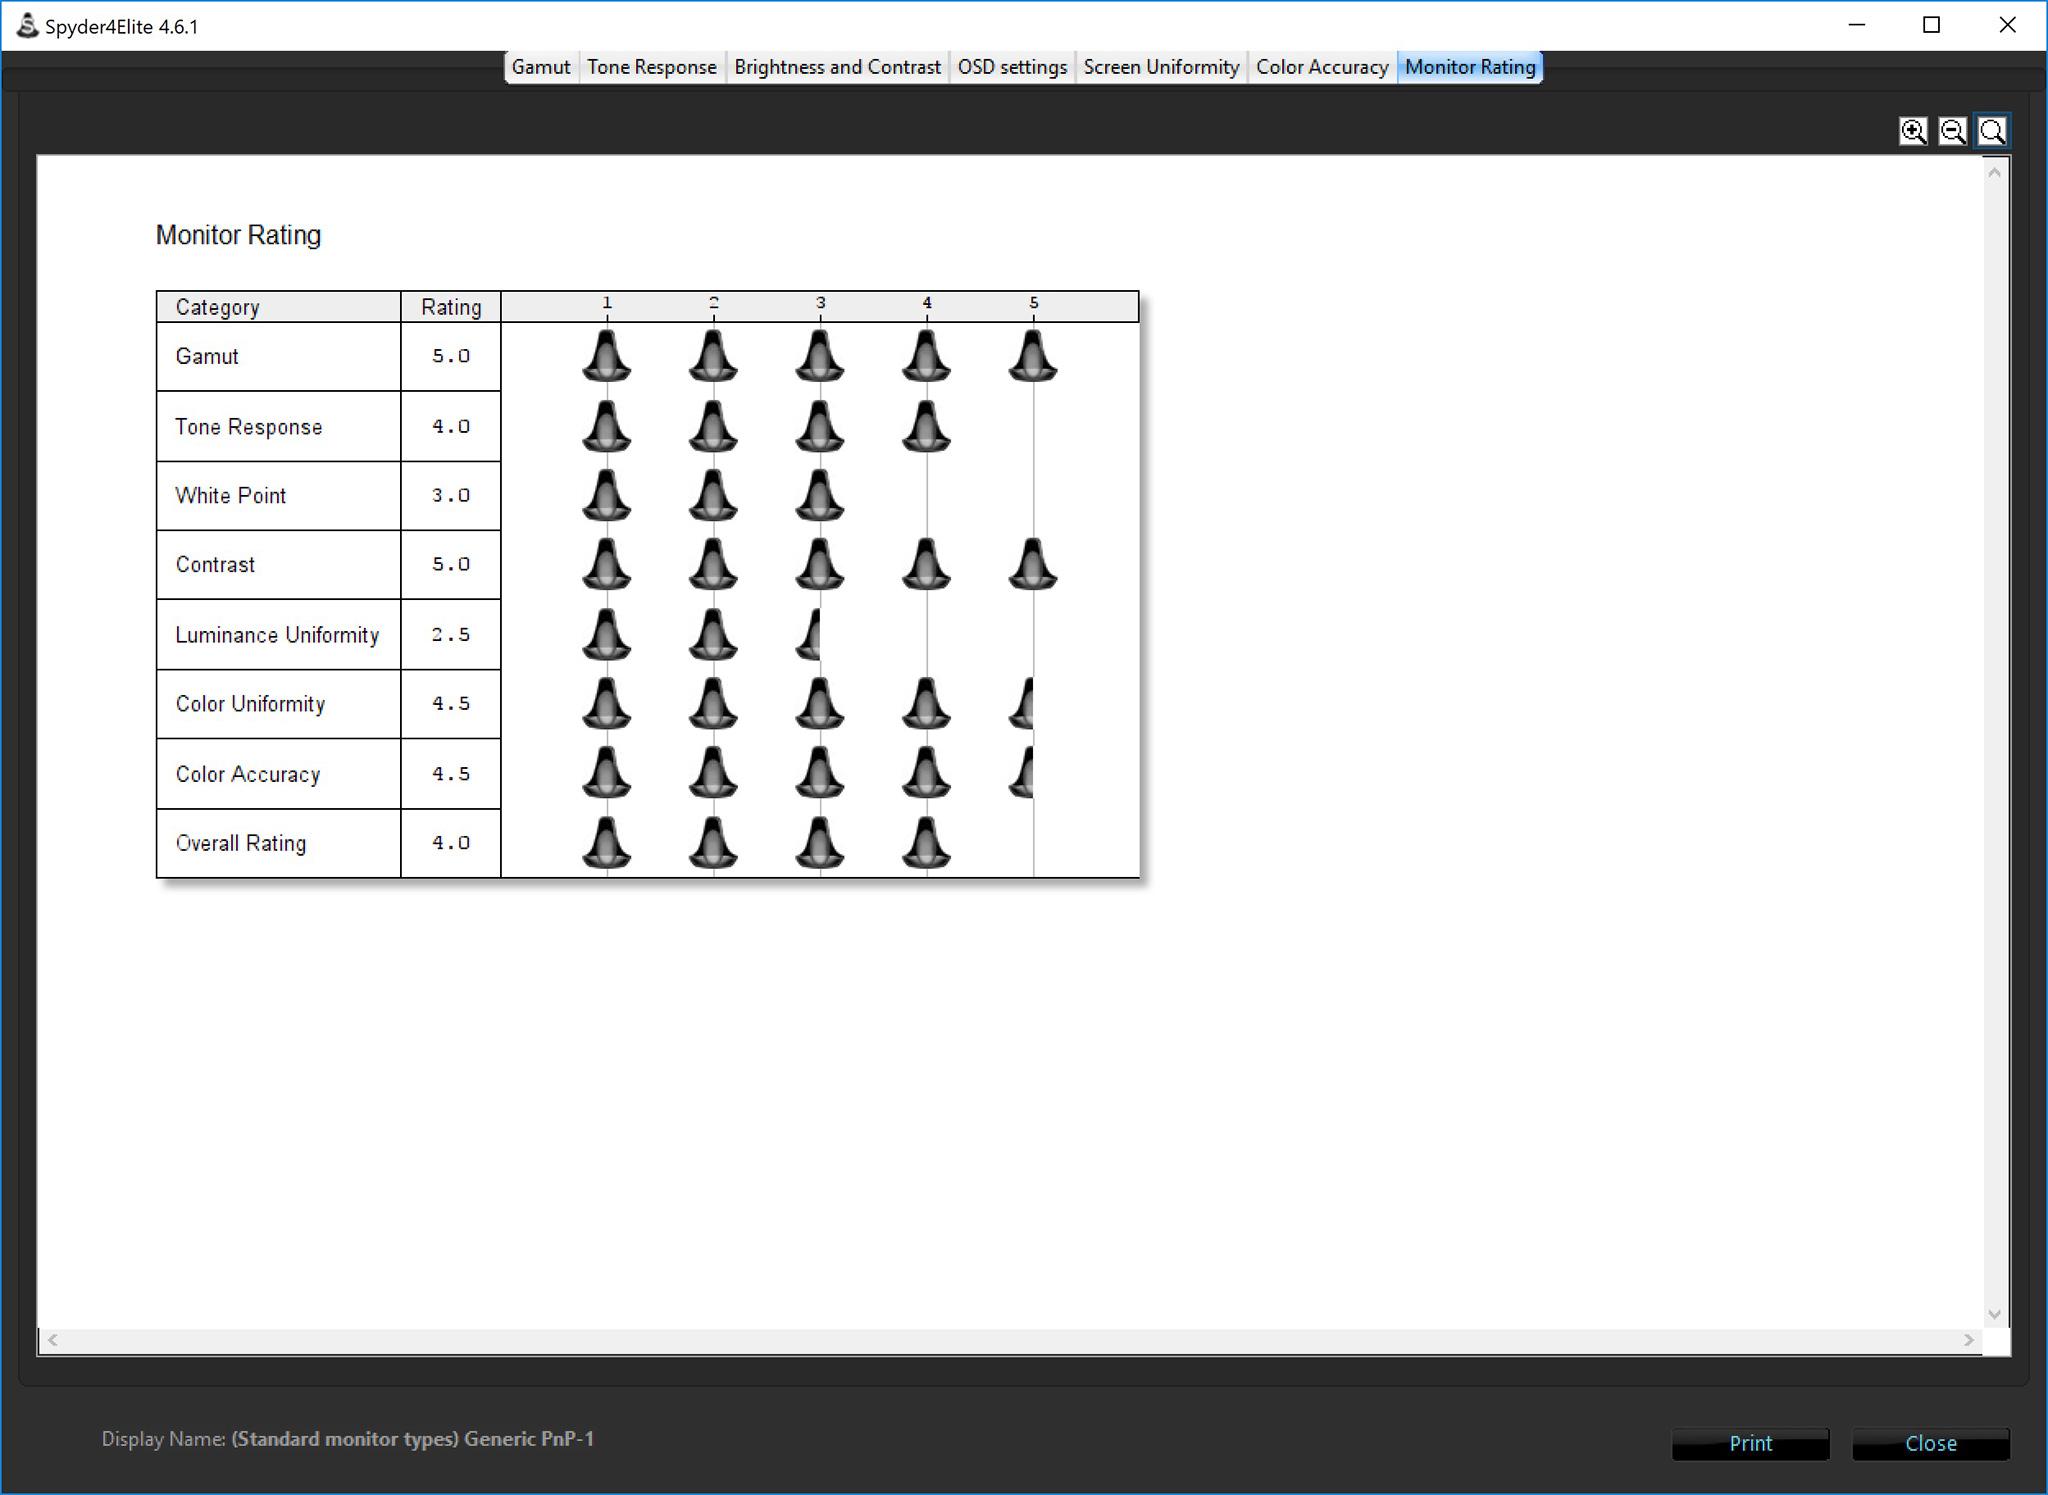 Spyder-result-2.jpg